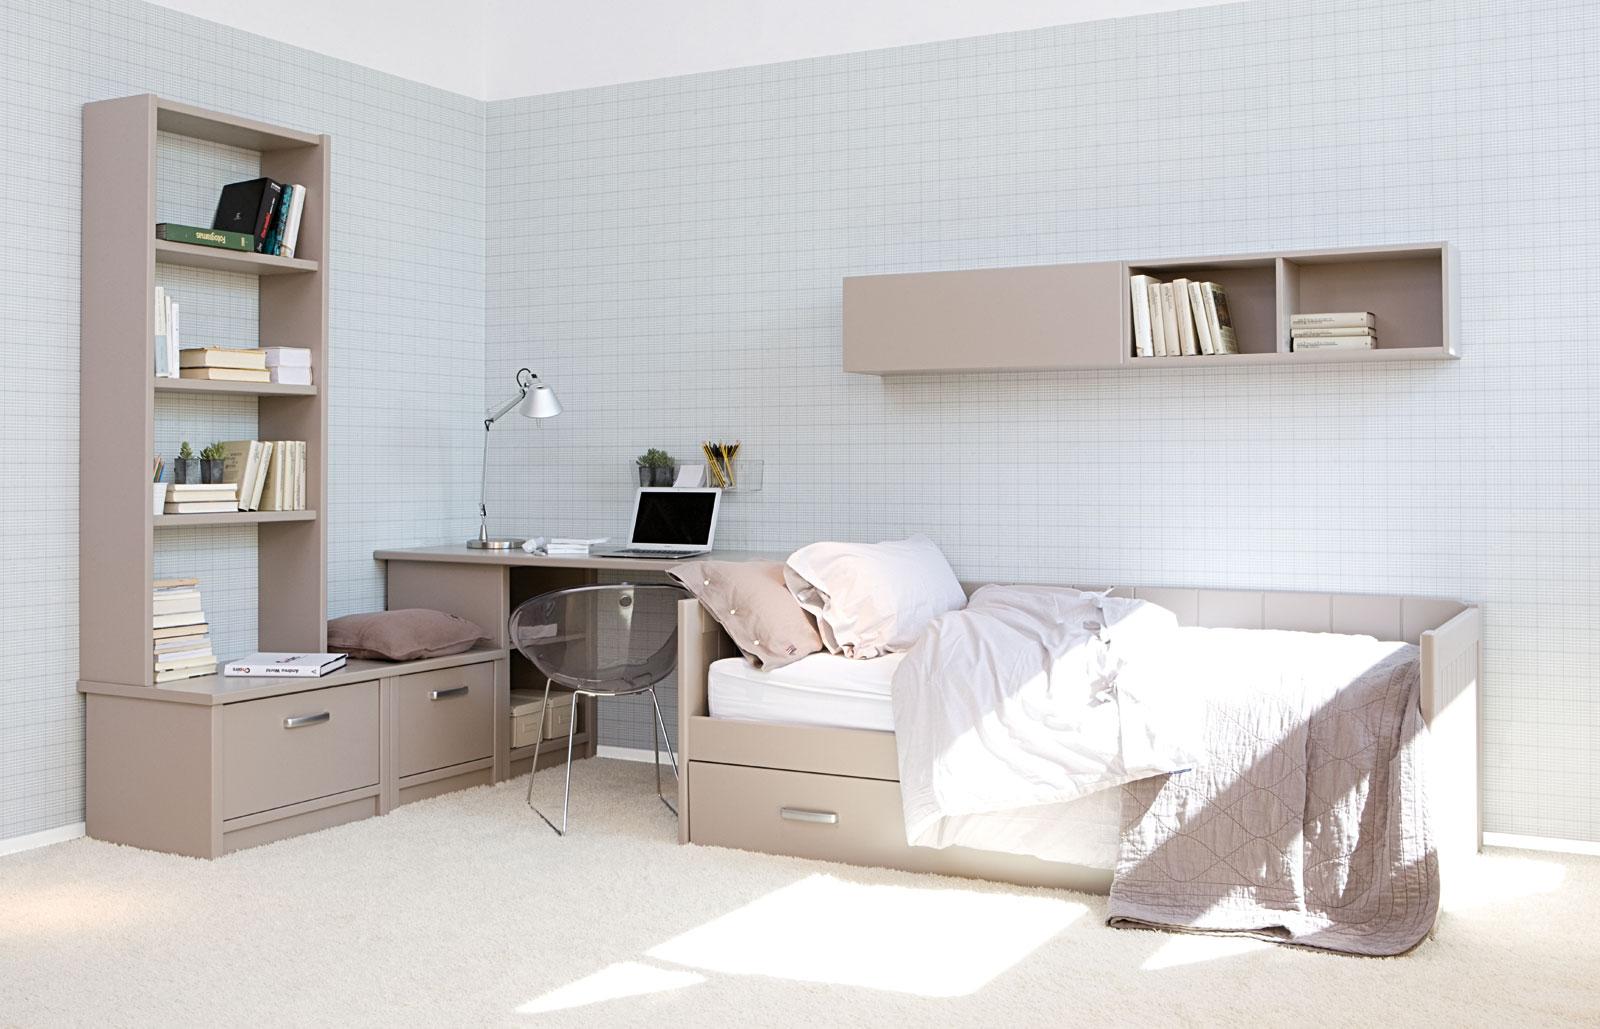 10 dormitorios juveniles modernos ideas para decorar dise ar y mejorar tu casa - Disenar dormitorio juvenil ...